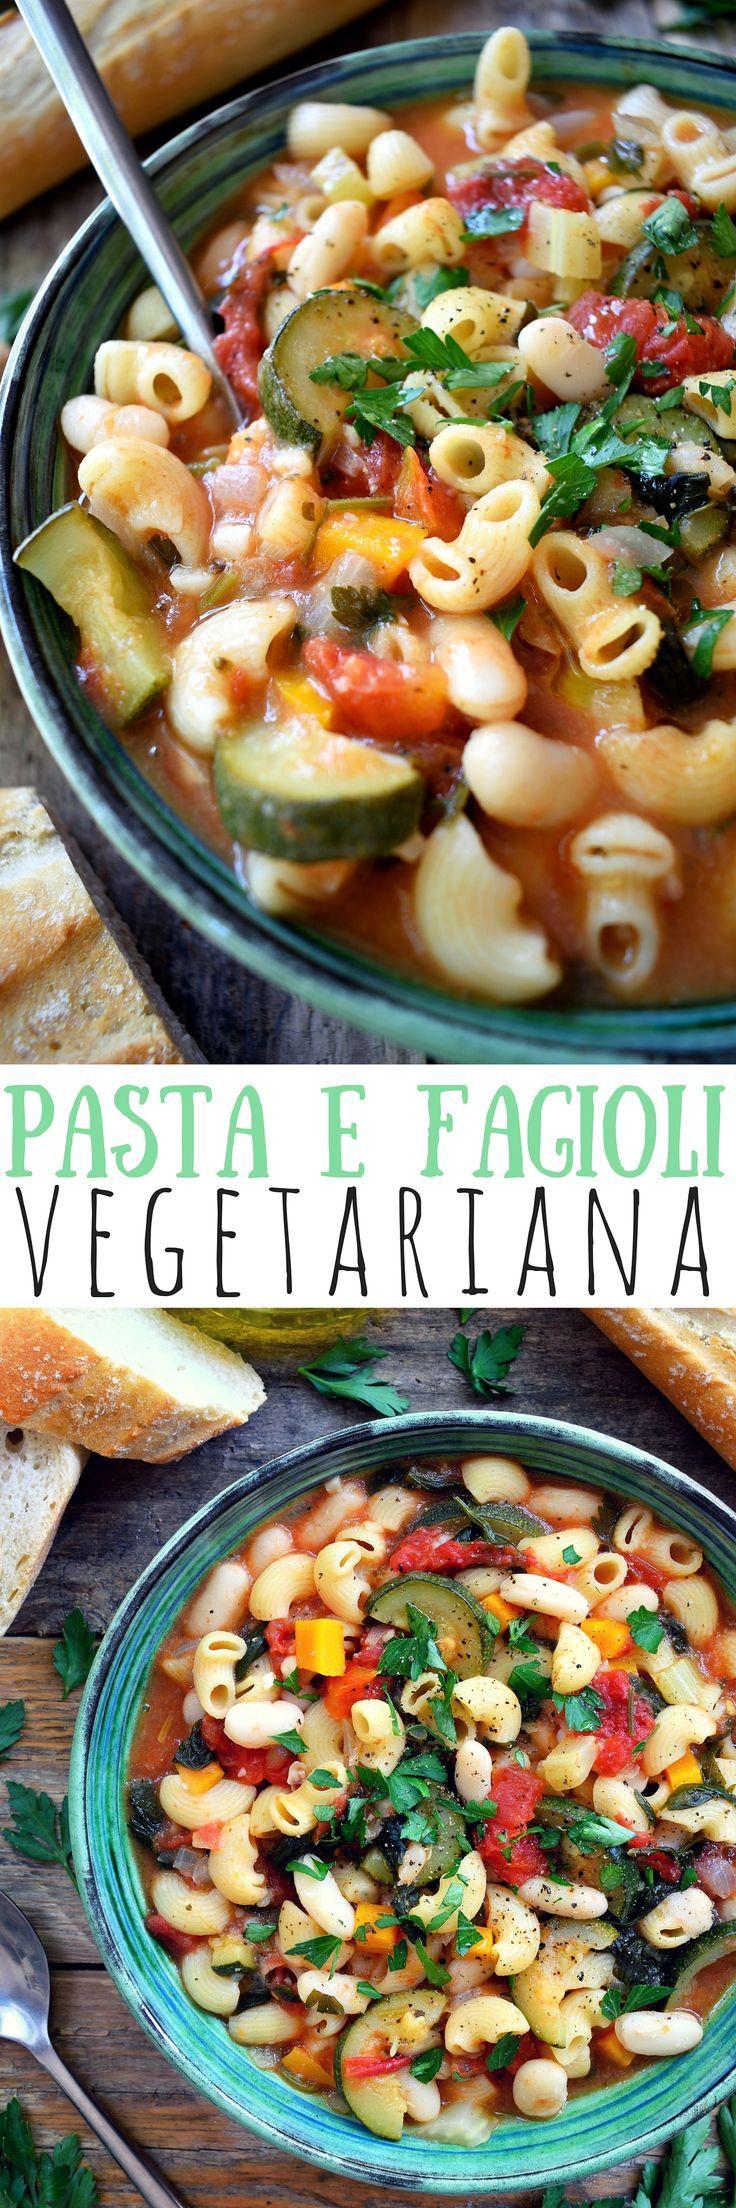 Esta receta para pasta e fagioli vegetariana es una sopa italiana sencilla y rústica que es extremadamente fácil de hacer y puede estar lista en tan sólo treinta minutos. Lo que es maravilloso de esta pasta e fagioli es que es como dos recetas en una – añadir un poco más de caldo para una sopa o un poco menos para un plato de pasta! Vegetariana y vegana.